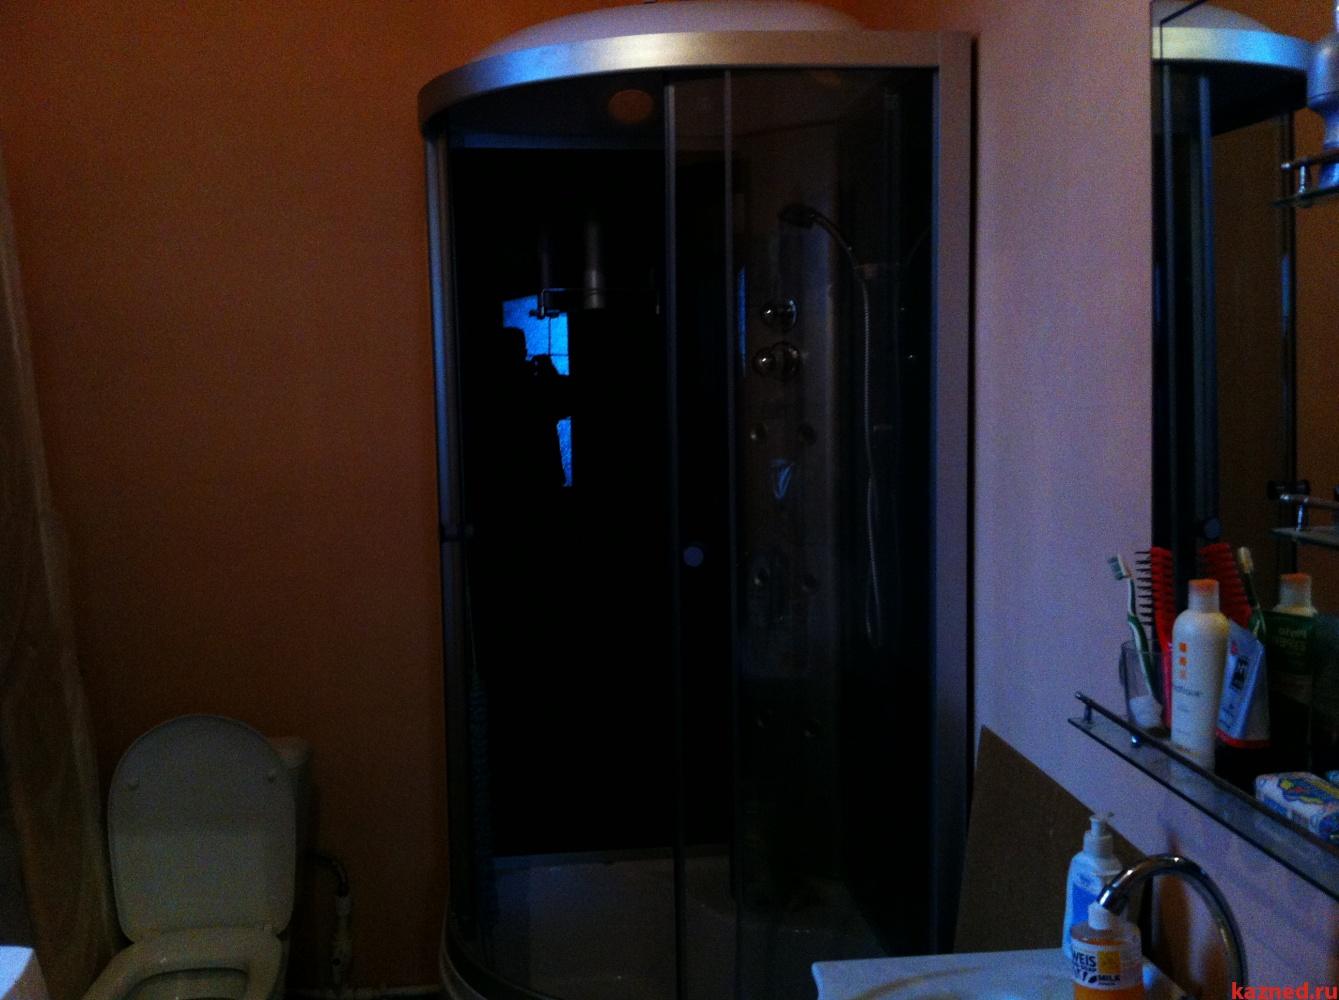 2-х эт.квартира, в Танхаусе, 100 кв.м., пос.Константиновка (миниатюра №10)